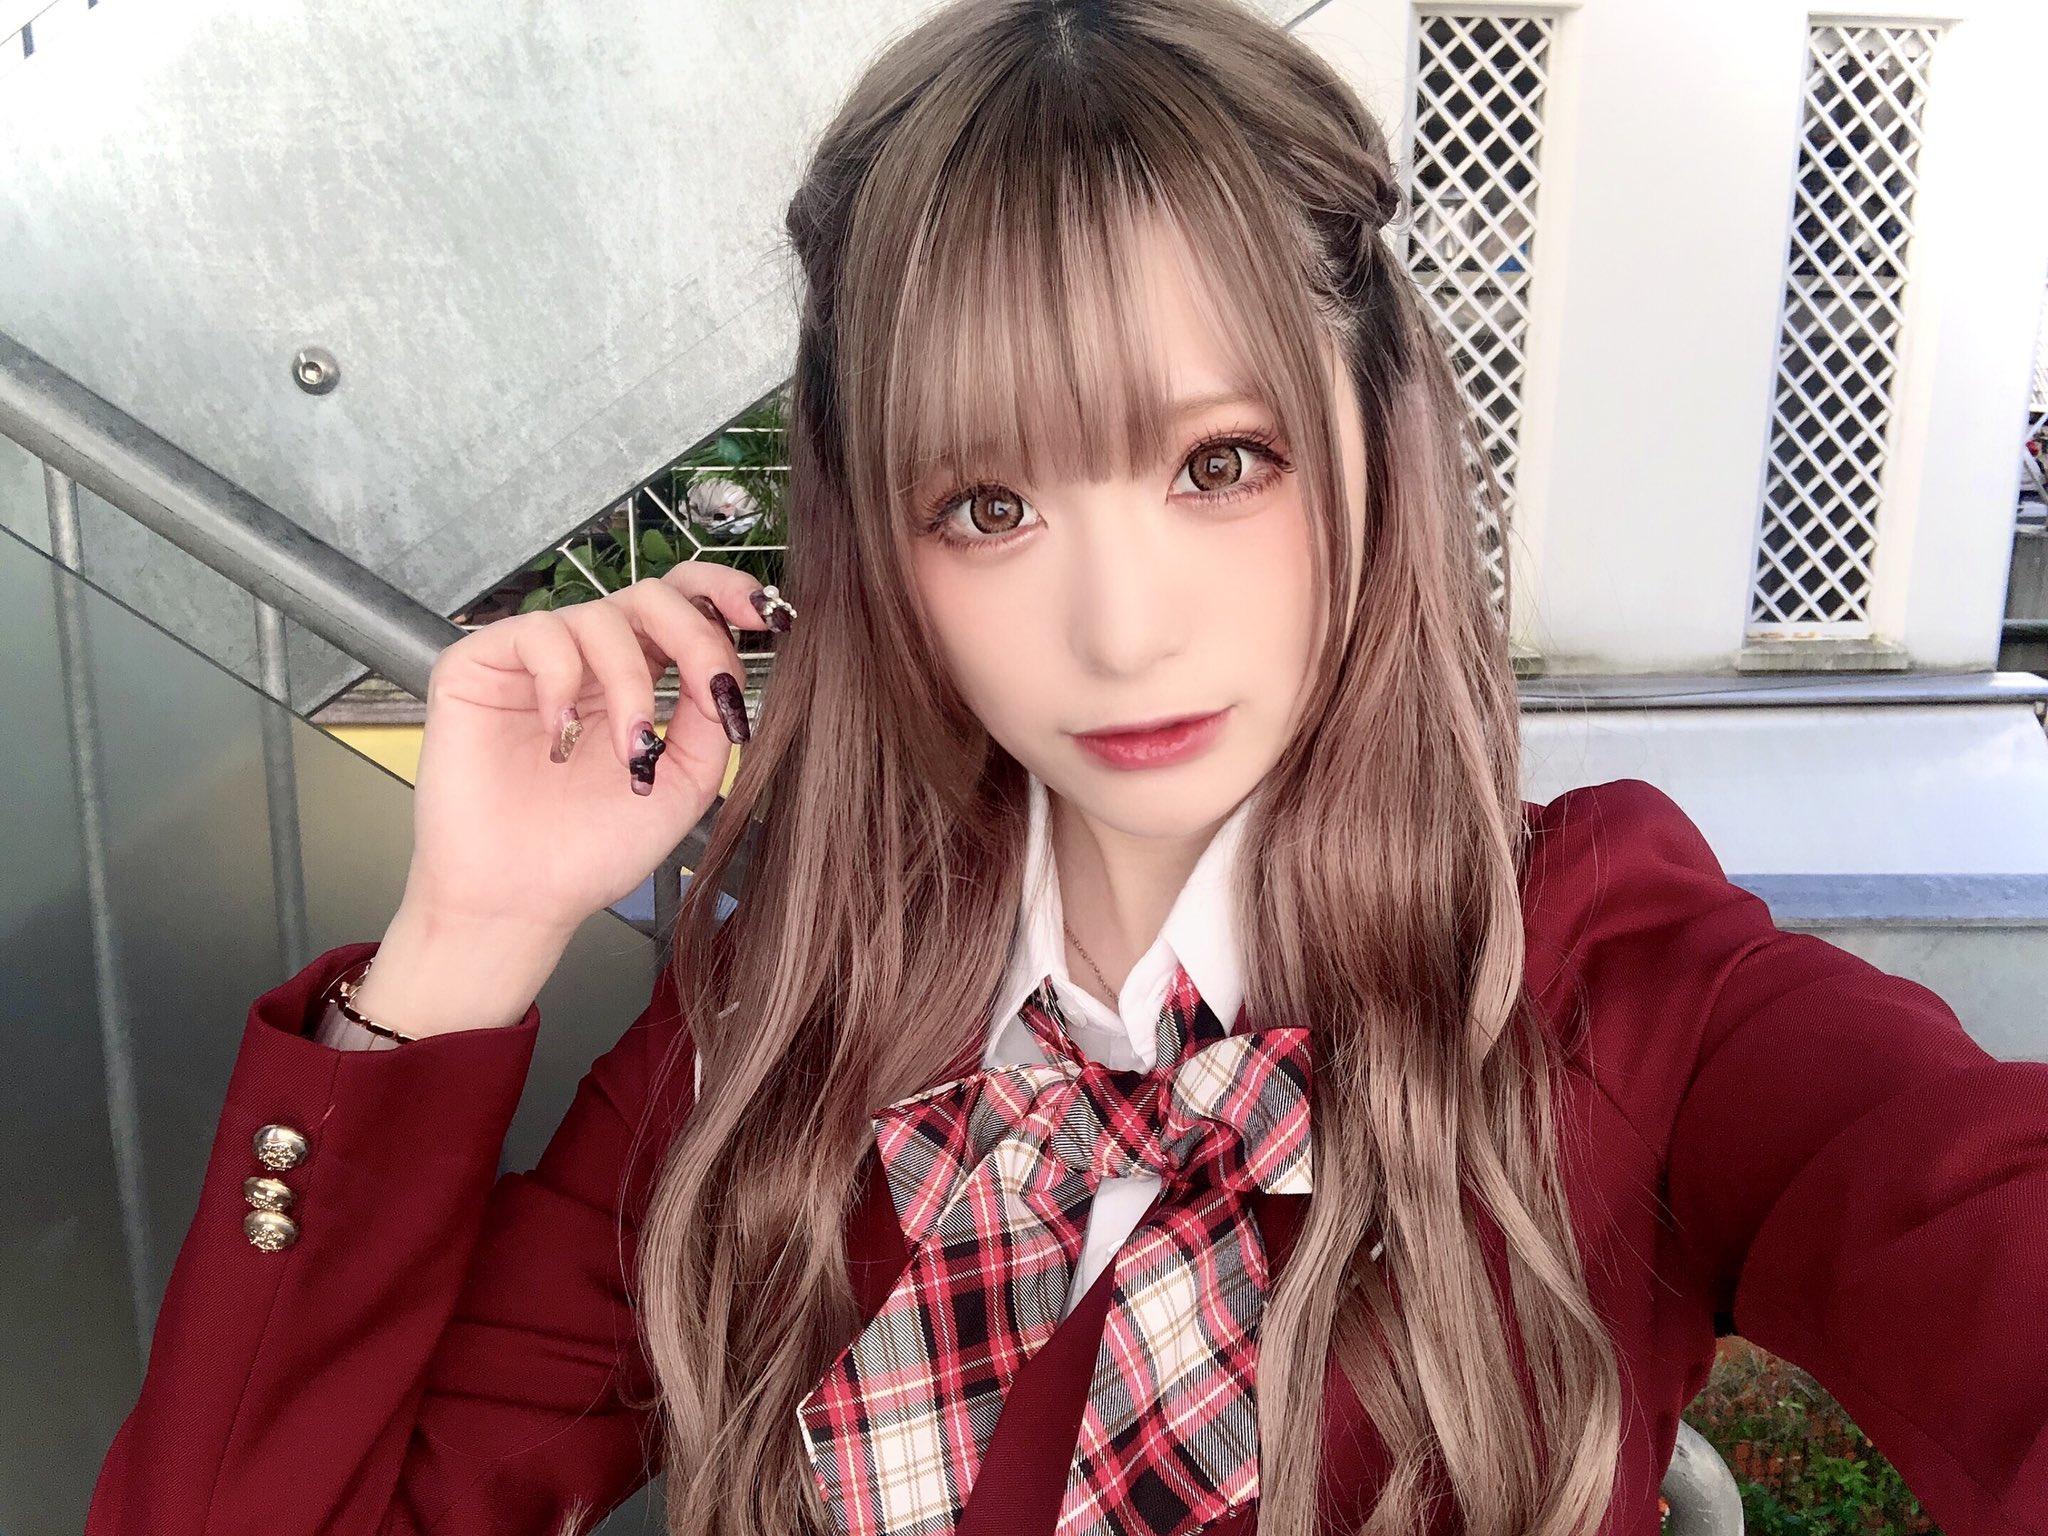 JK高中格子裙制服美少女